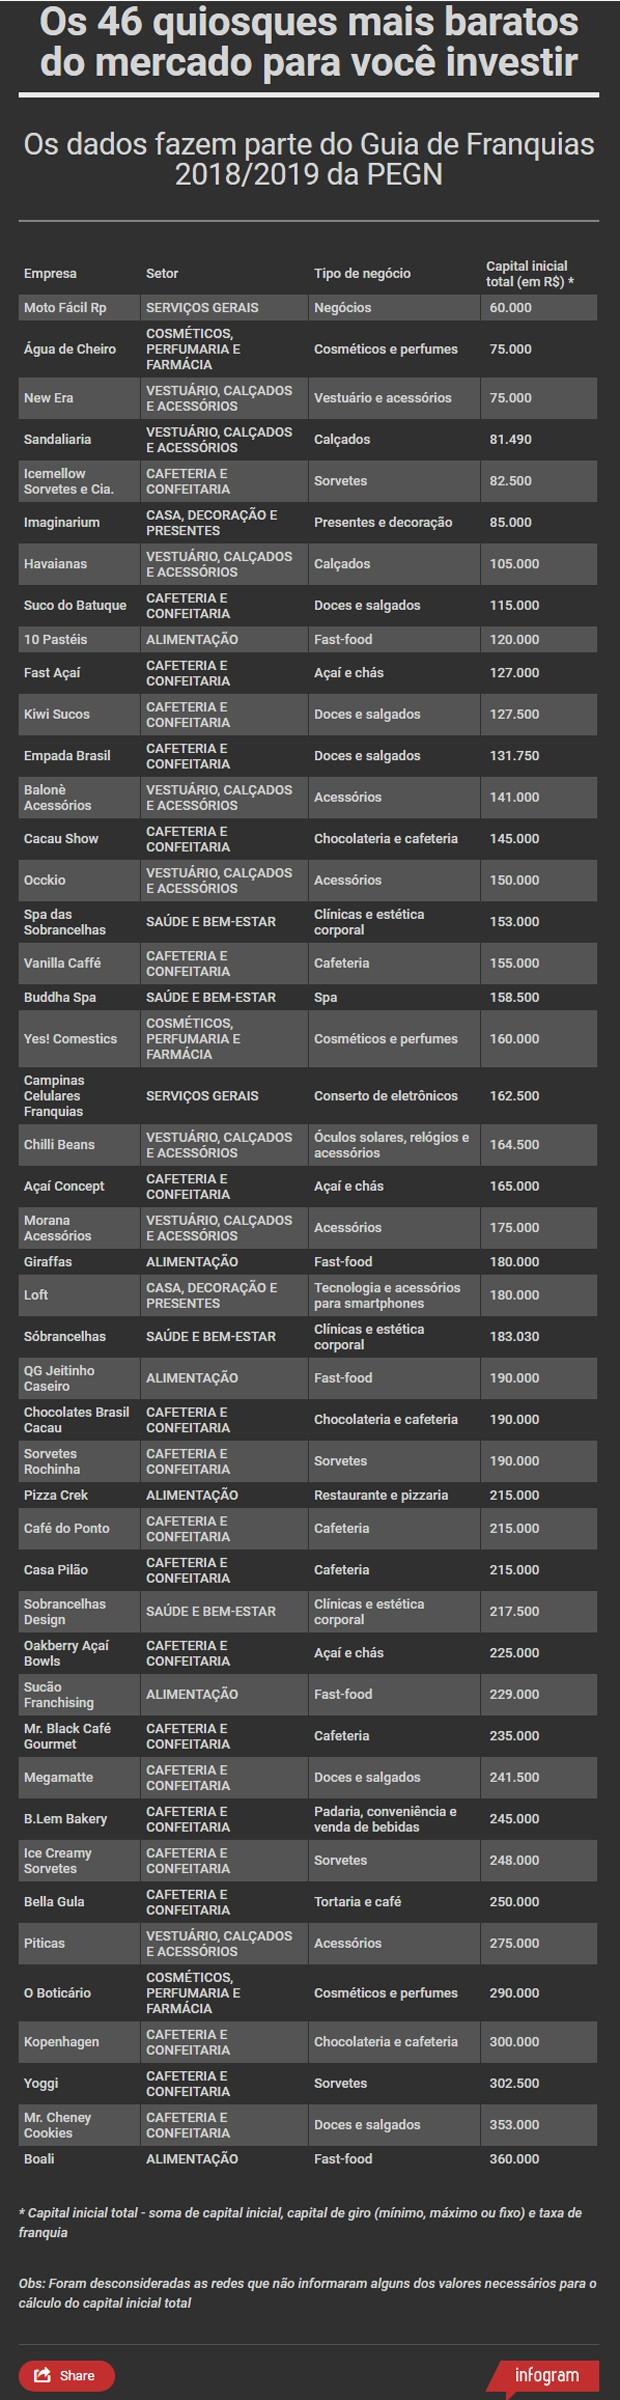 quiosques (Foto: Divulgação)